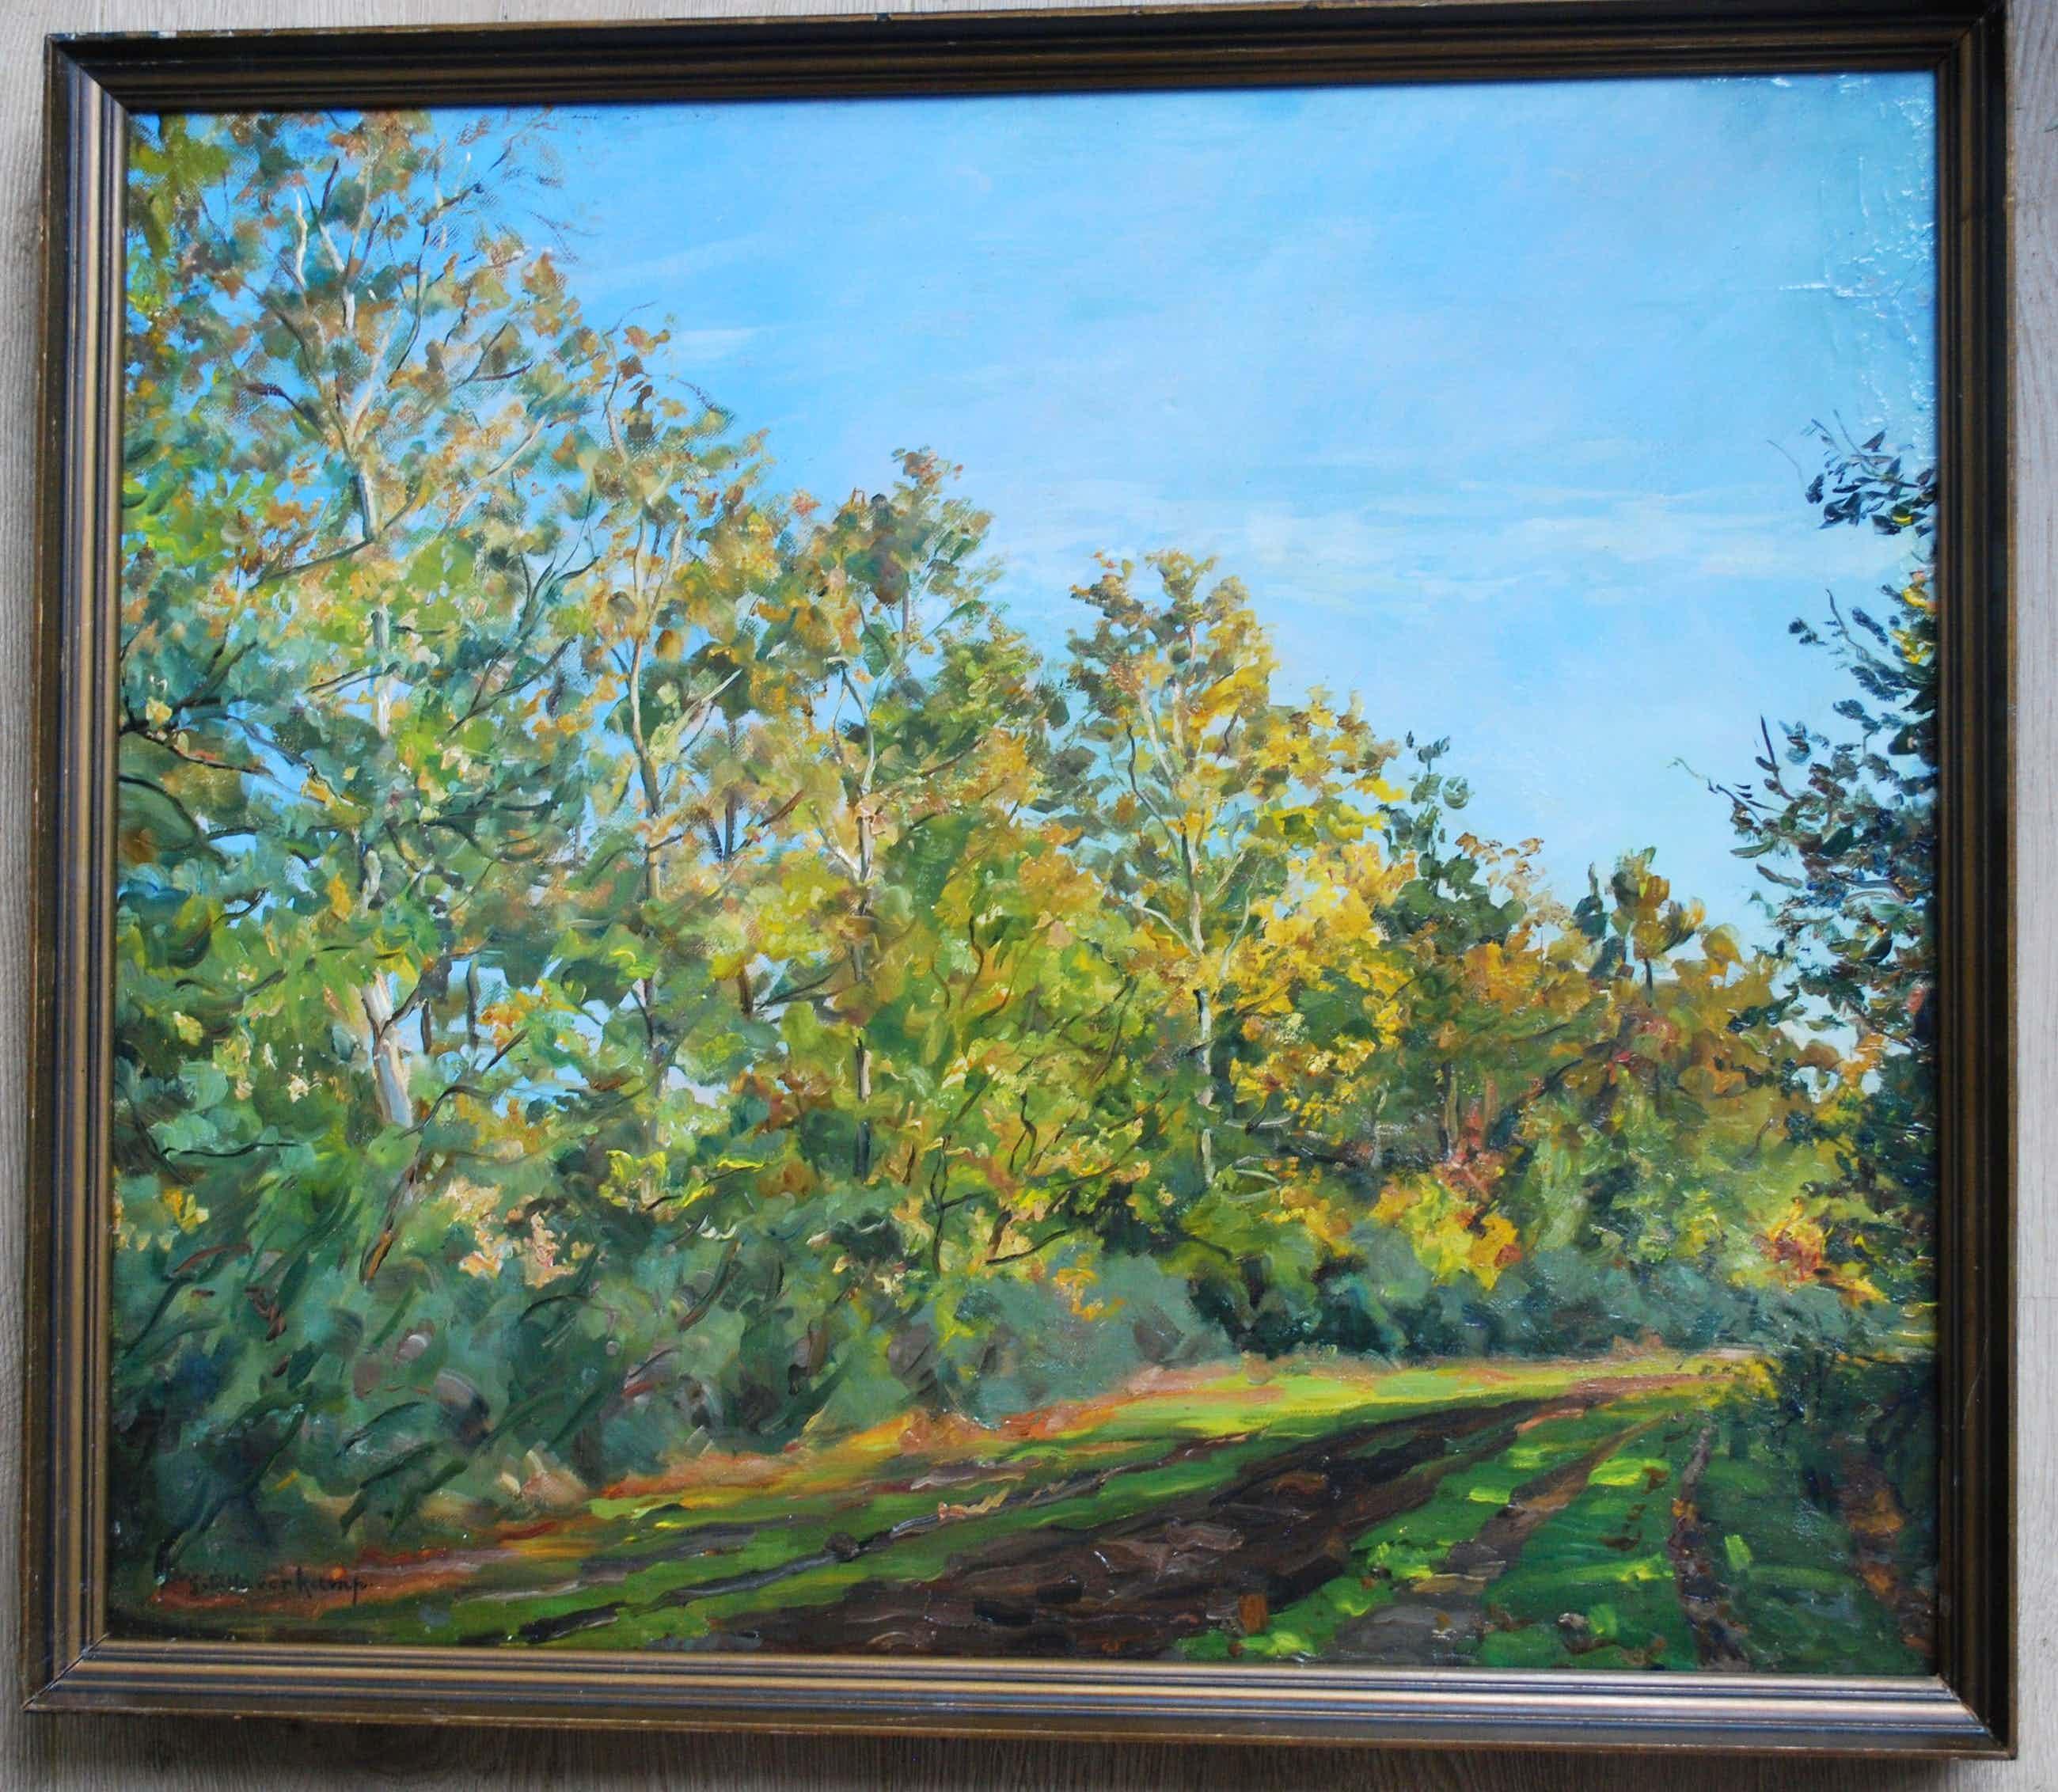 Gerrit Haverkamp - Zonnige bomenlaan - olieverfschilderij kopen? Bied vanaf 275!